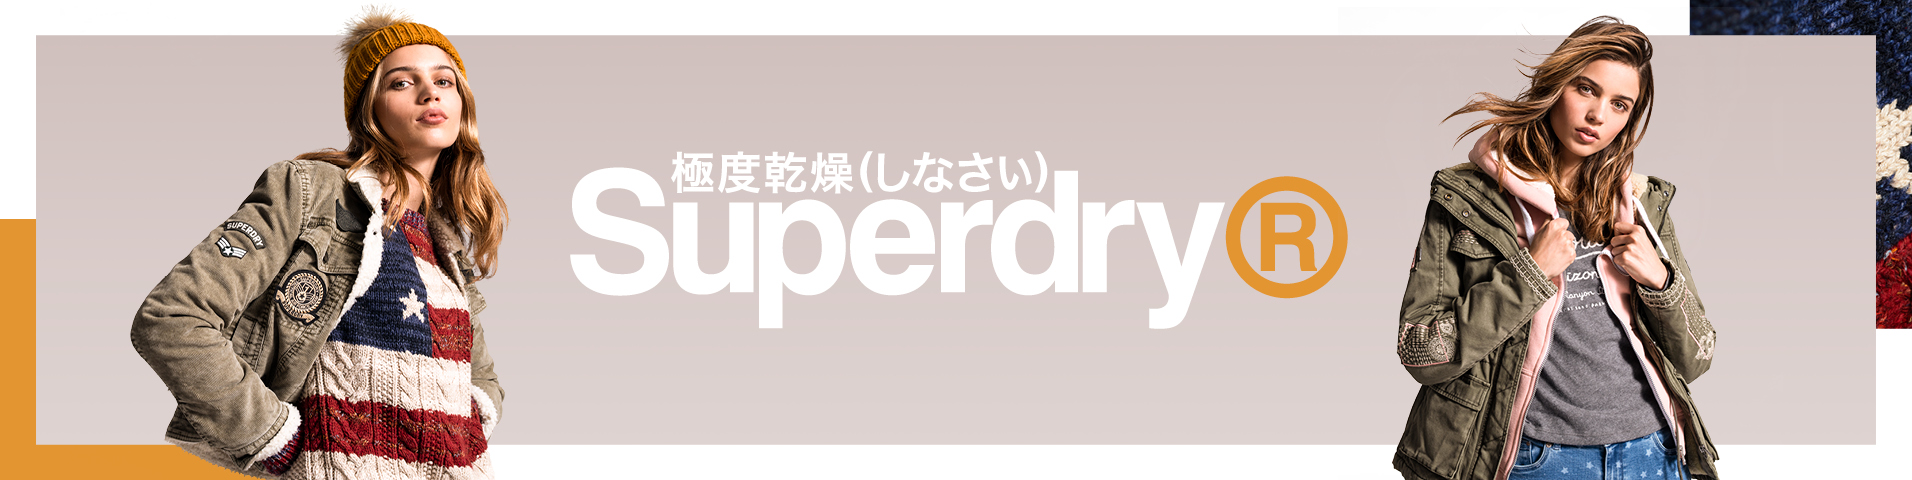 Maintenant Femme Superdry Commandez Sur Zalando Ligne Dès En Vêtements Y7aBw